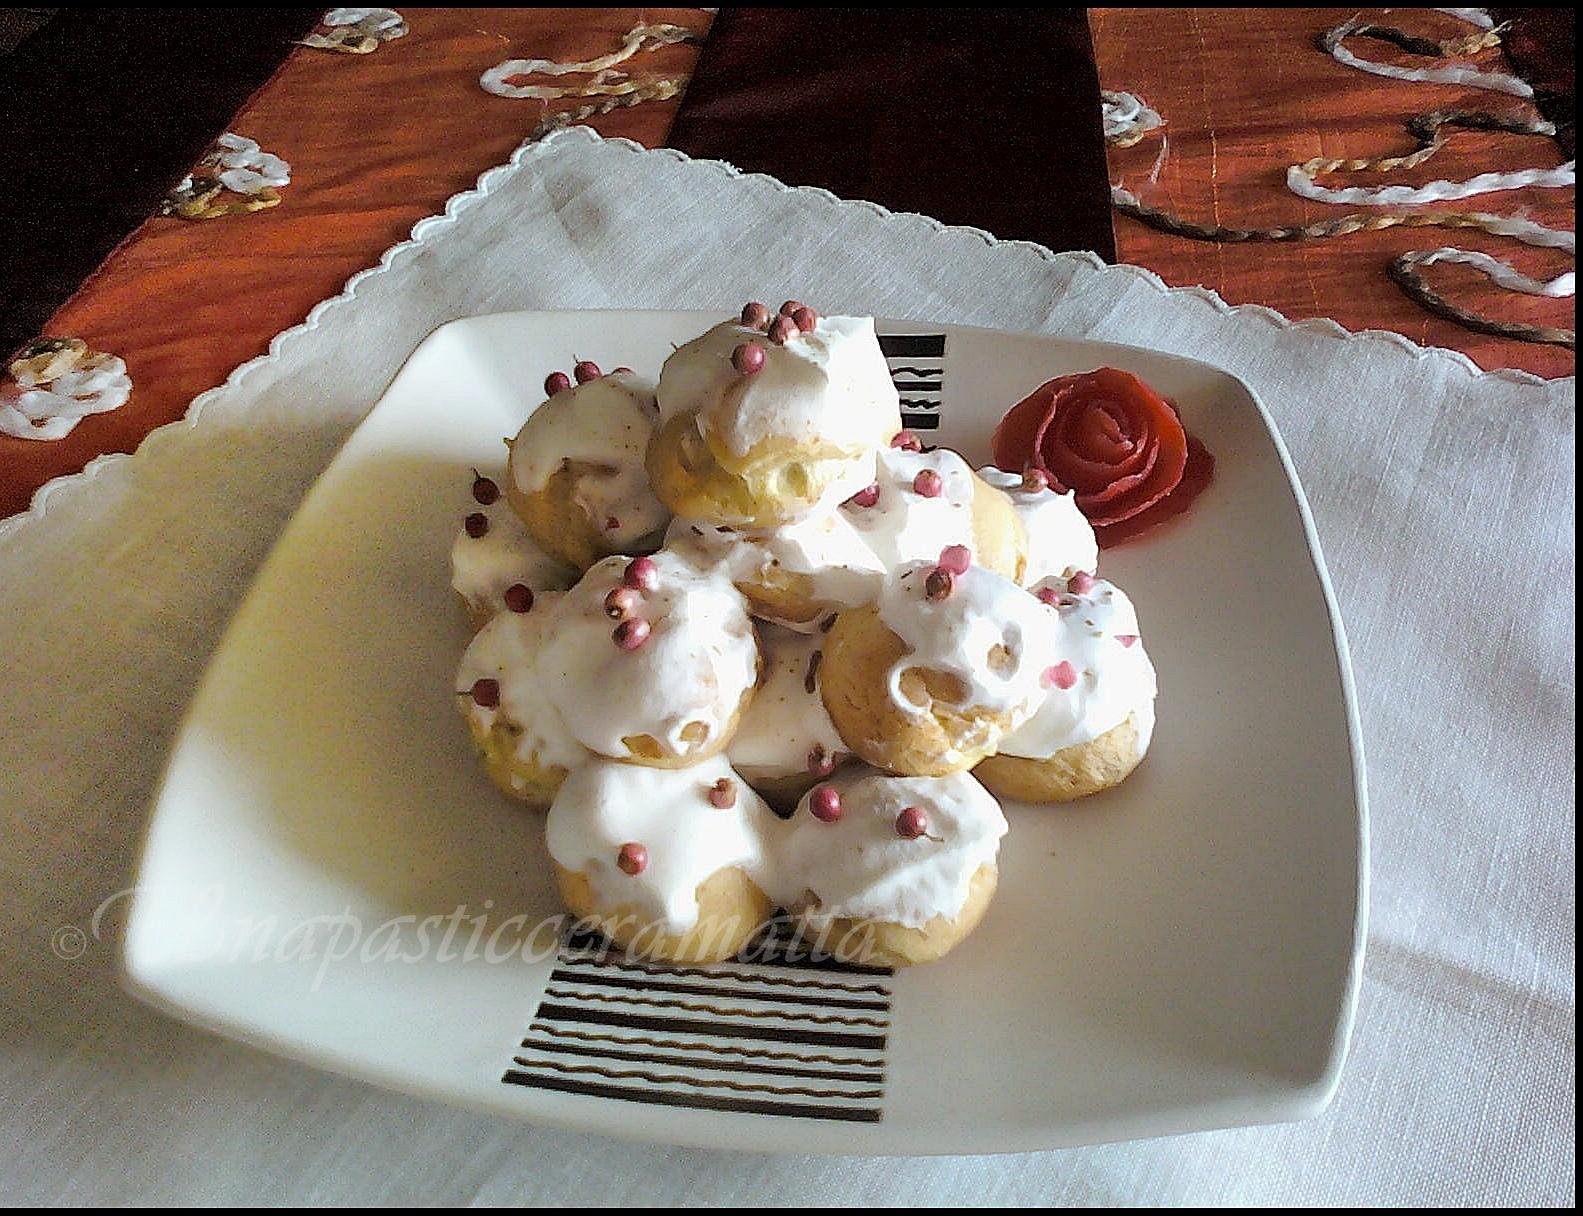 Profiteroles salato con funghi e crema salata Montersino